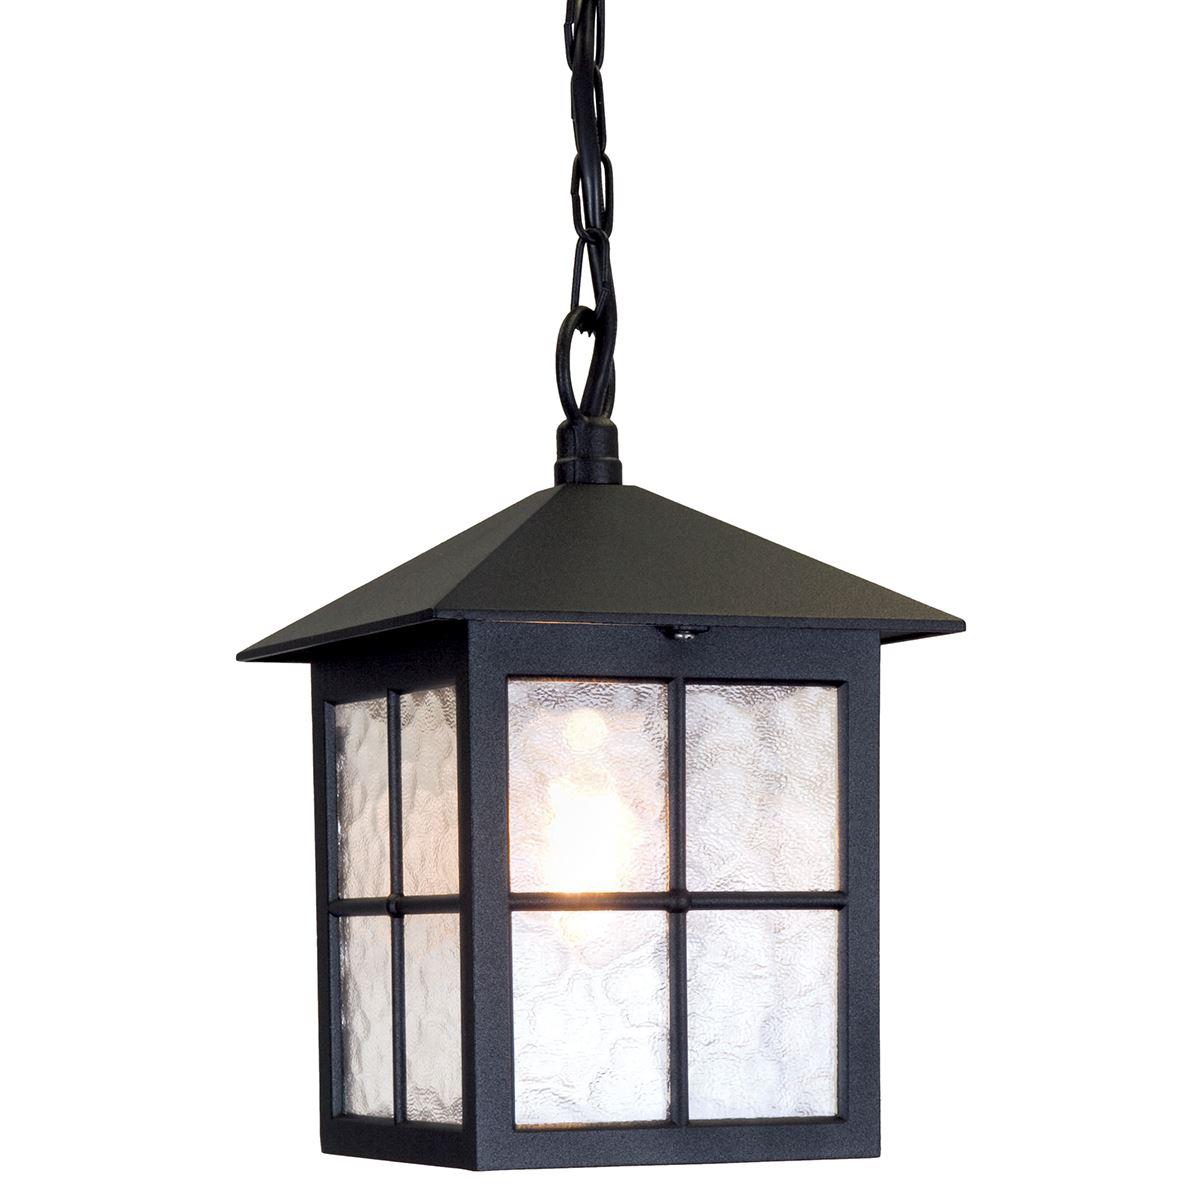 Elstead Lighting Winchester 1 Light Chain Lantern 5024005214700 Ebay